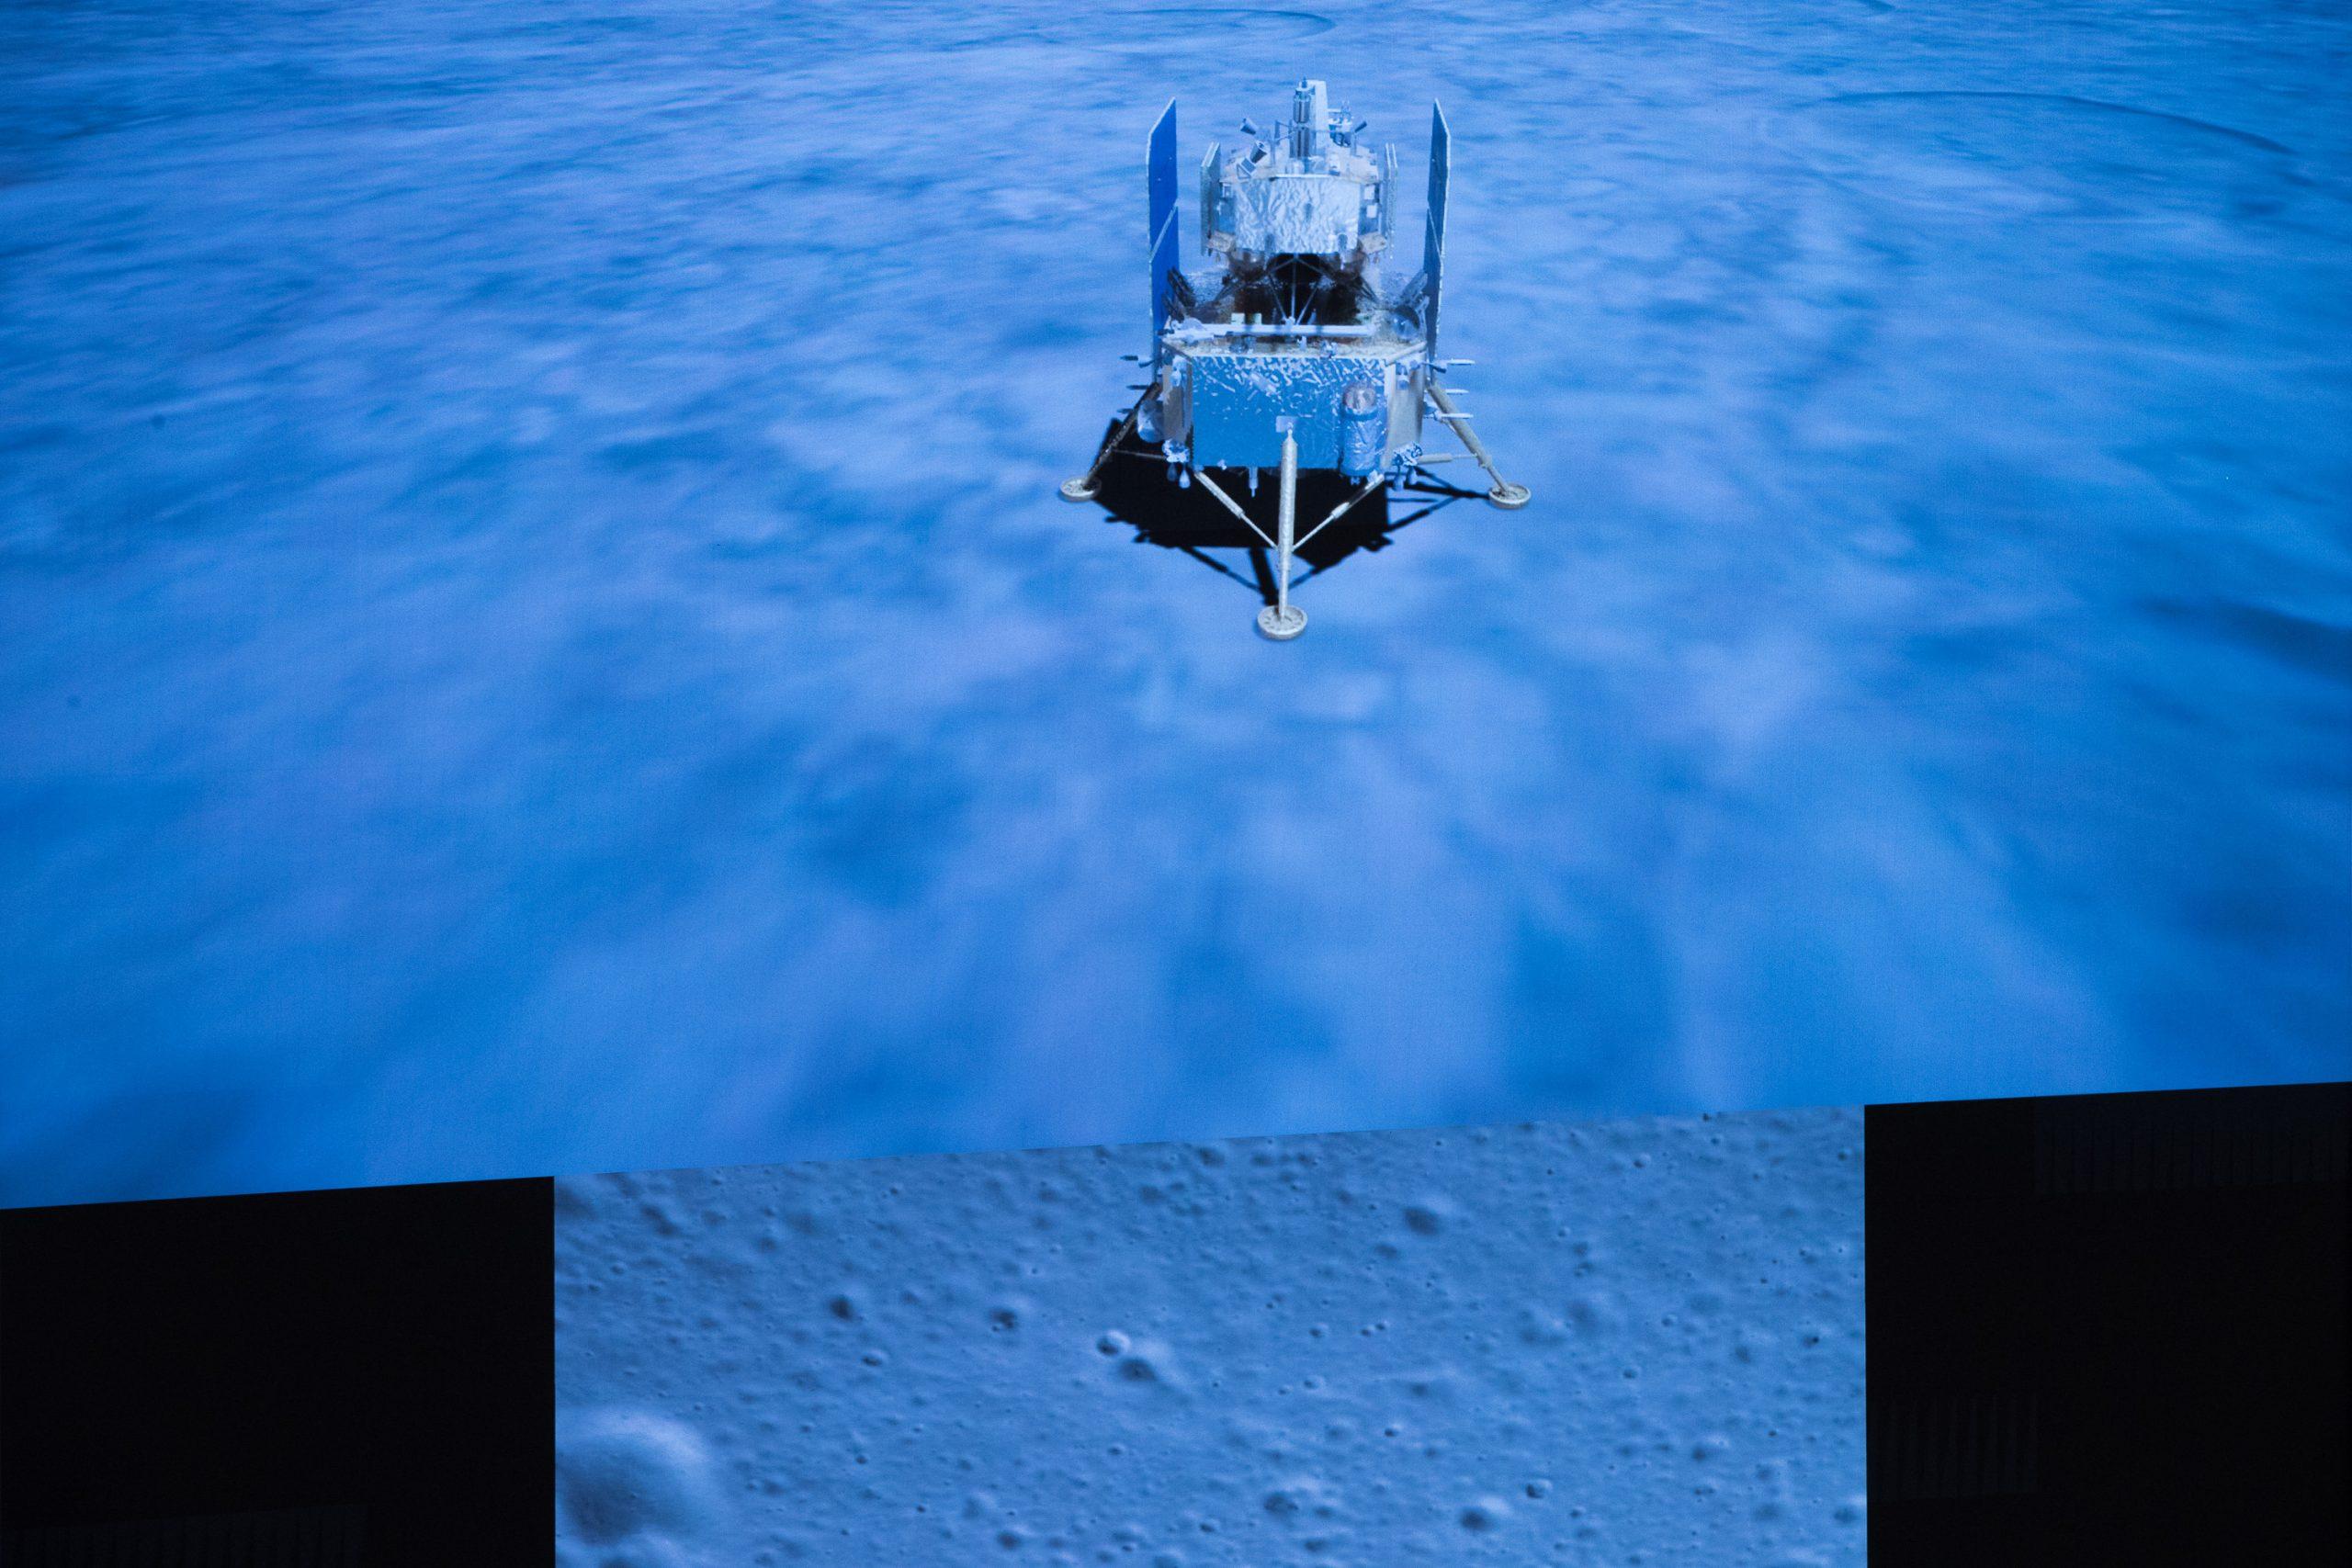 Sonda china Chang'e-5 recolecta muestras de la Luna